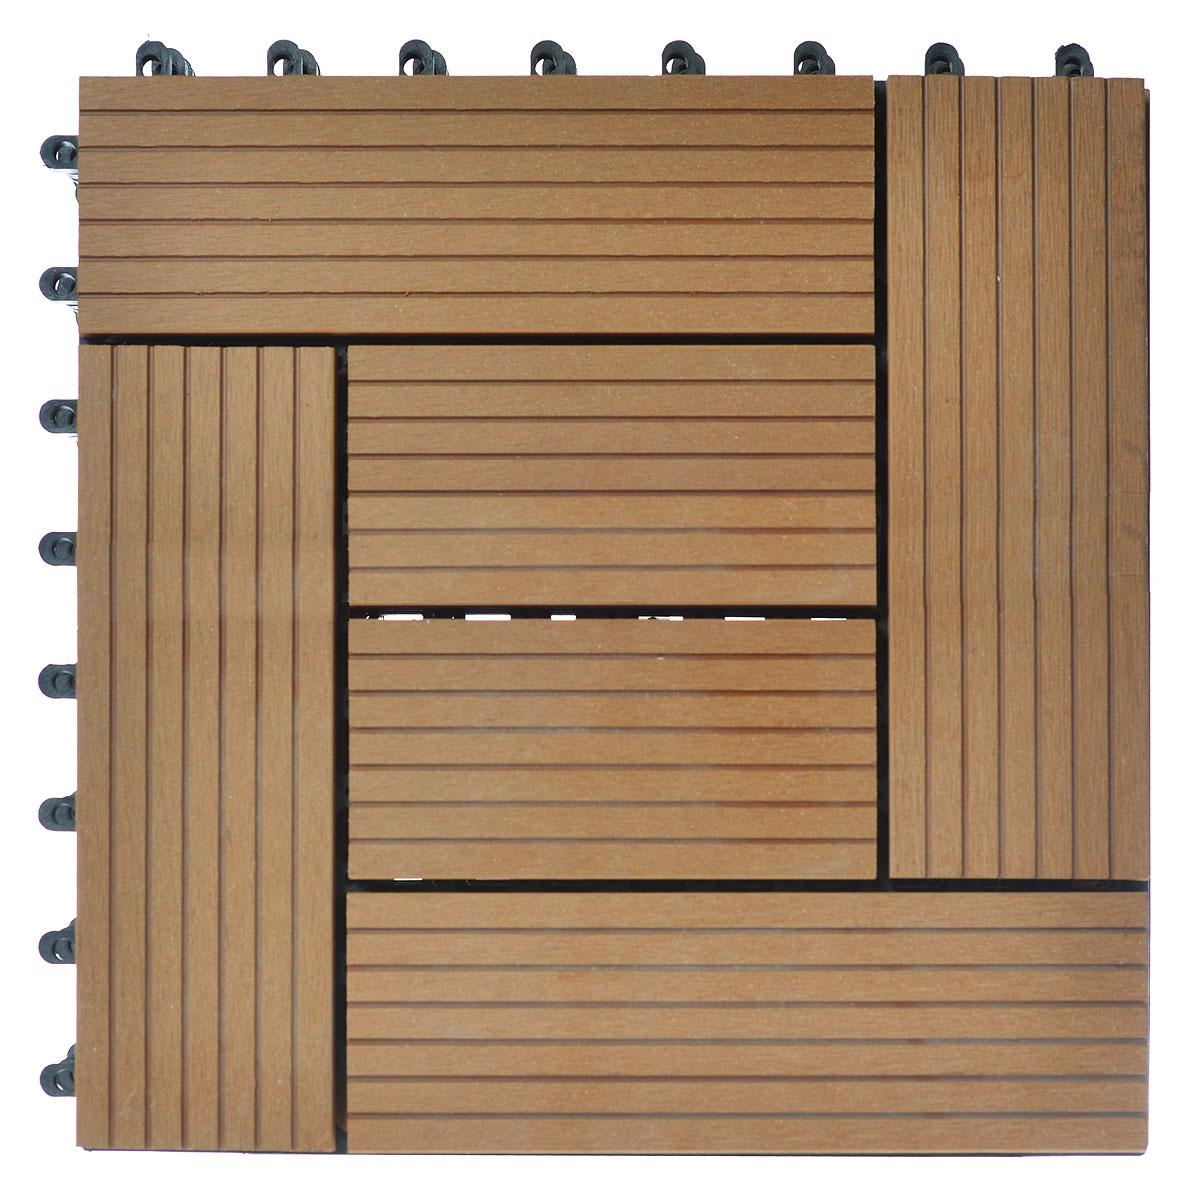 Покрытие Konex Декинг, цвет: бук, 30 х 30, 6 шт. ПД-Б6ПД-Б6Покрытие Konex Декинг состоит из 6 секций, изготовленных из высококачественного дерева, основа выполнена из полипропилена. Покрытие предназначено для создания дополнительного (отделочного) слоя пола в различных помещениях бытового и хозяйственного назначения (коридоры, веранды, сауны и бани, ванные комнаты, балконы), а также для быстрого обустройства открытых площадок и дорожек (спортивные и детские площадки, зоны отдыха, садовые дорожки, террасы, палубы, причалы, бассейны) на подготовленных площадях. Размер секции: 30 см х 30 см х 3 см. Количество секций: 6 шт.